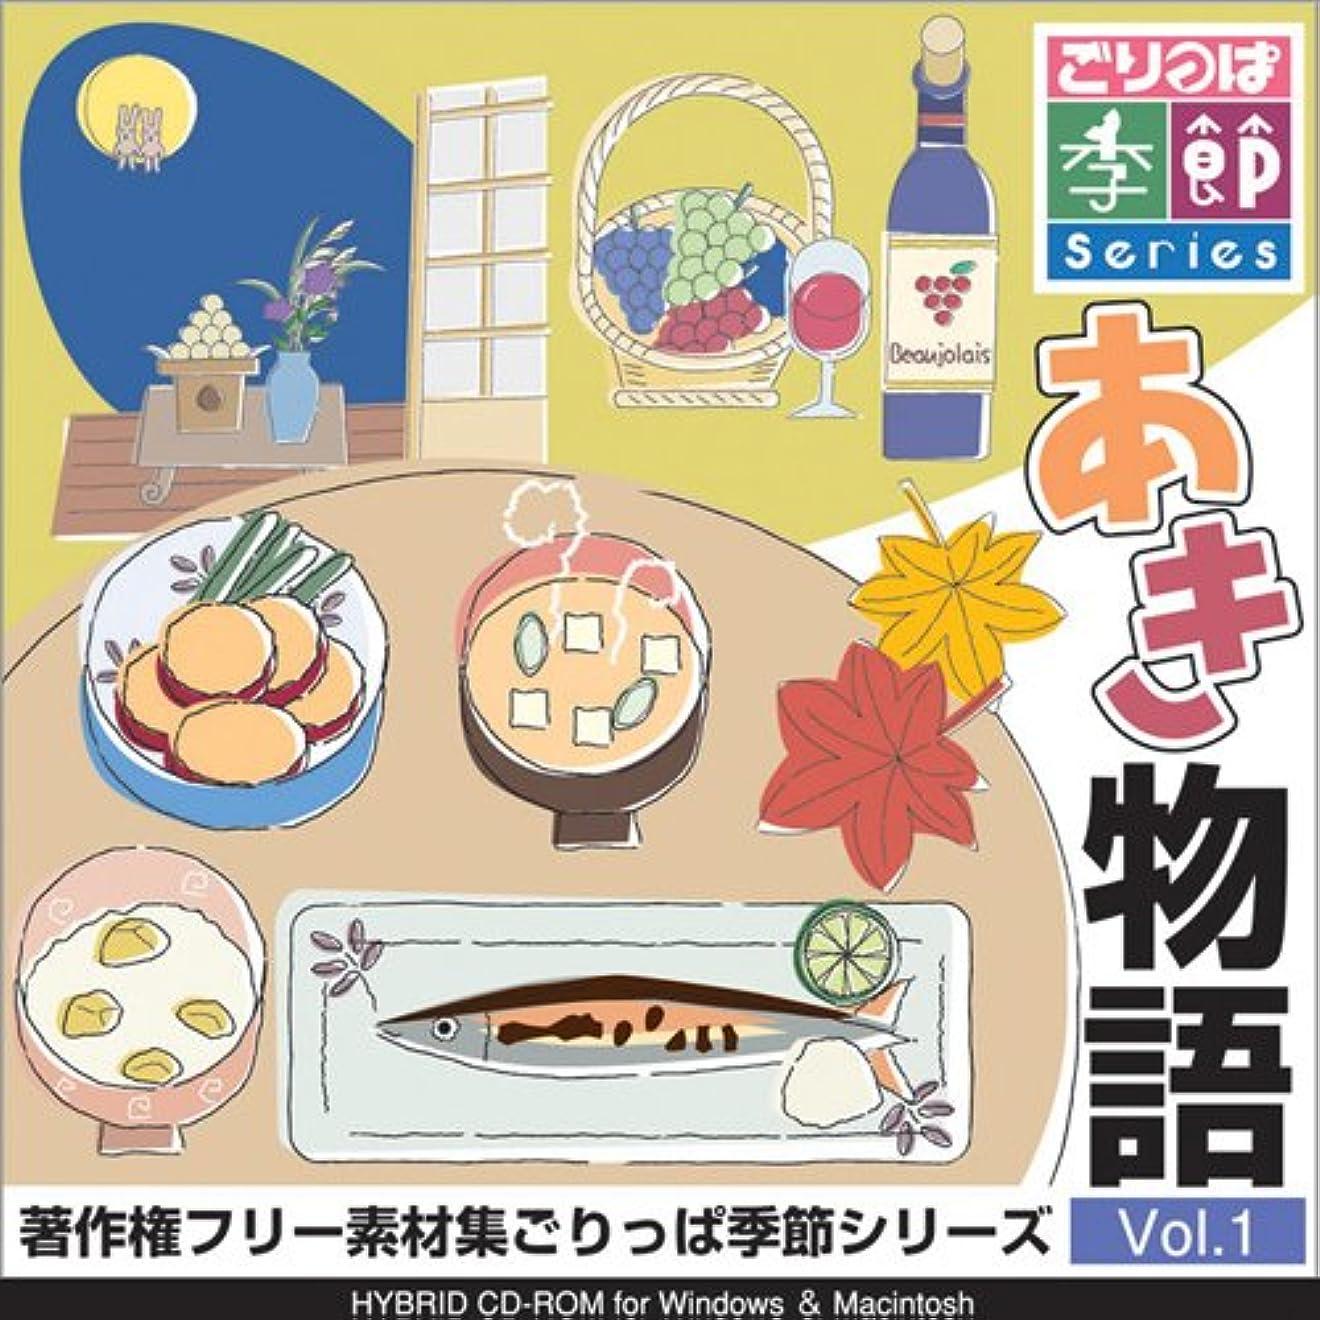 関税農奴フェローシップごりっぱ季節シリーズ Vol.1 あき物語